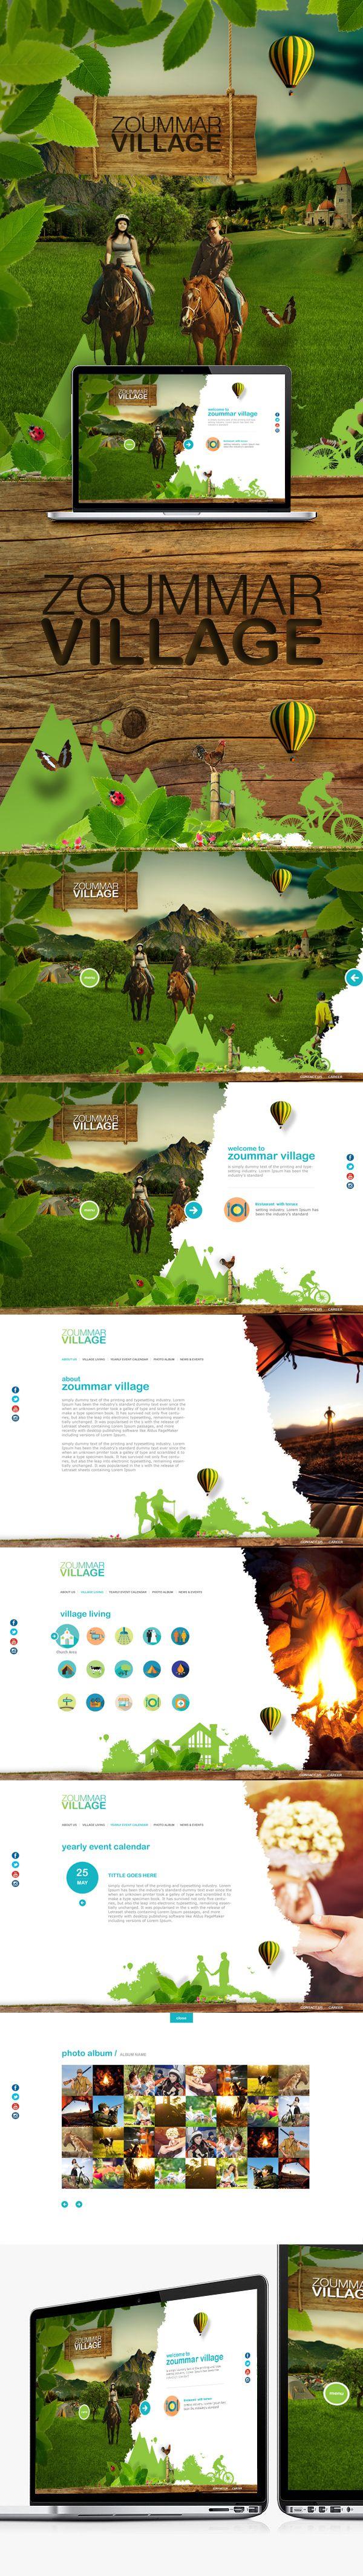 Zoummar Village on Behance